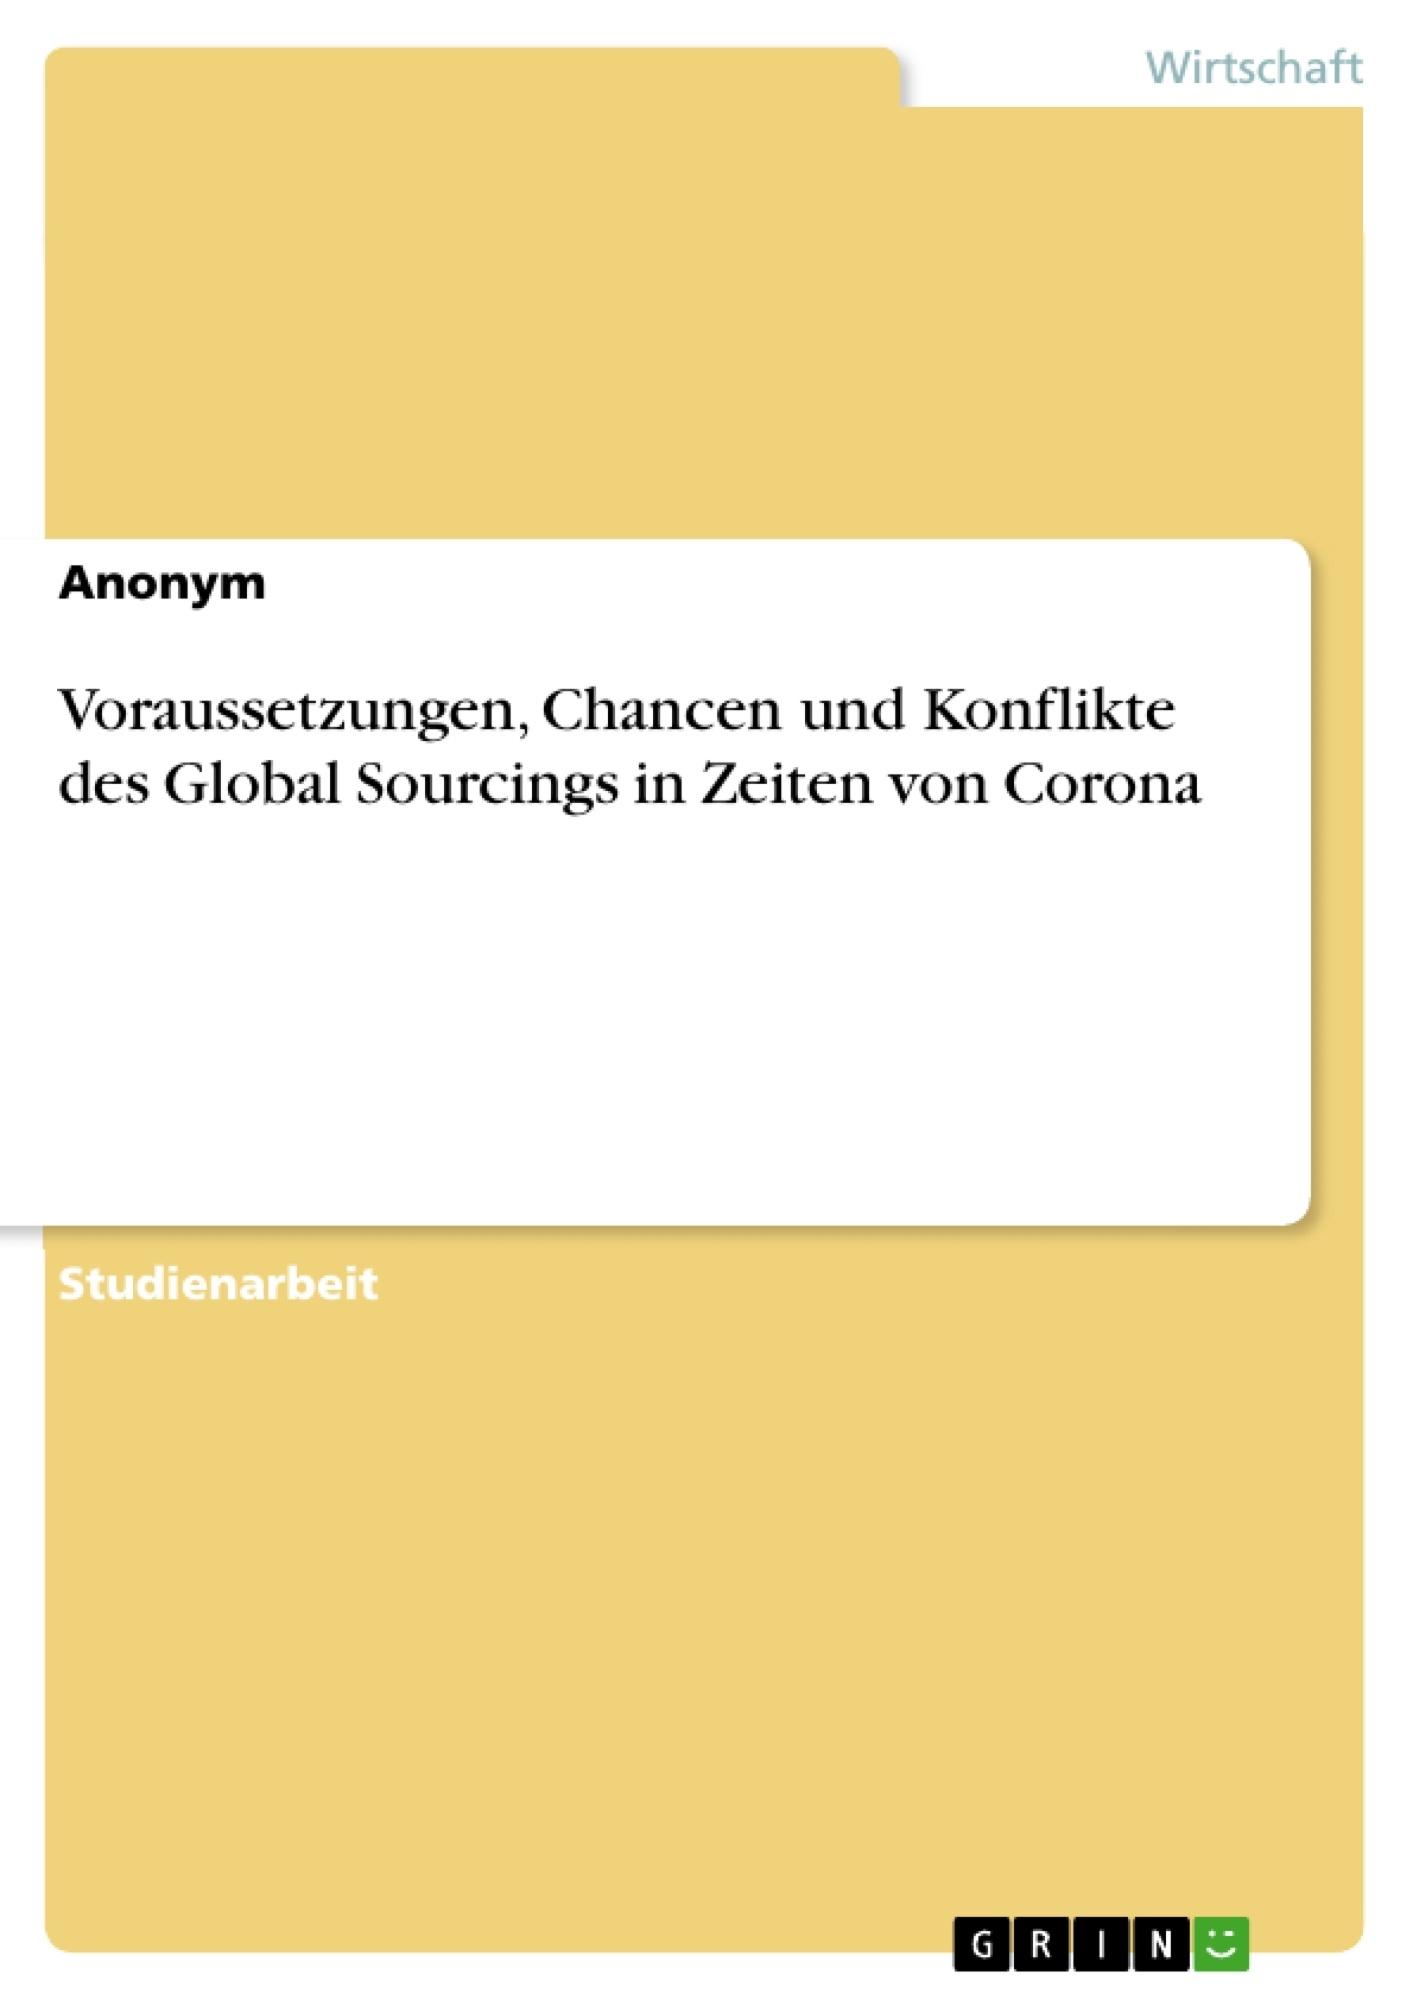 Titel: Voraussetzungen, Chancen und Konflikte des Global Sourcings in Zeiten von Corona